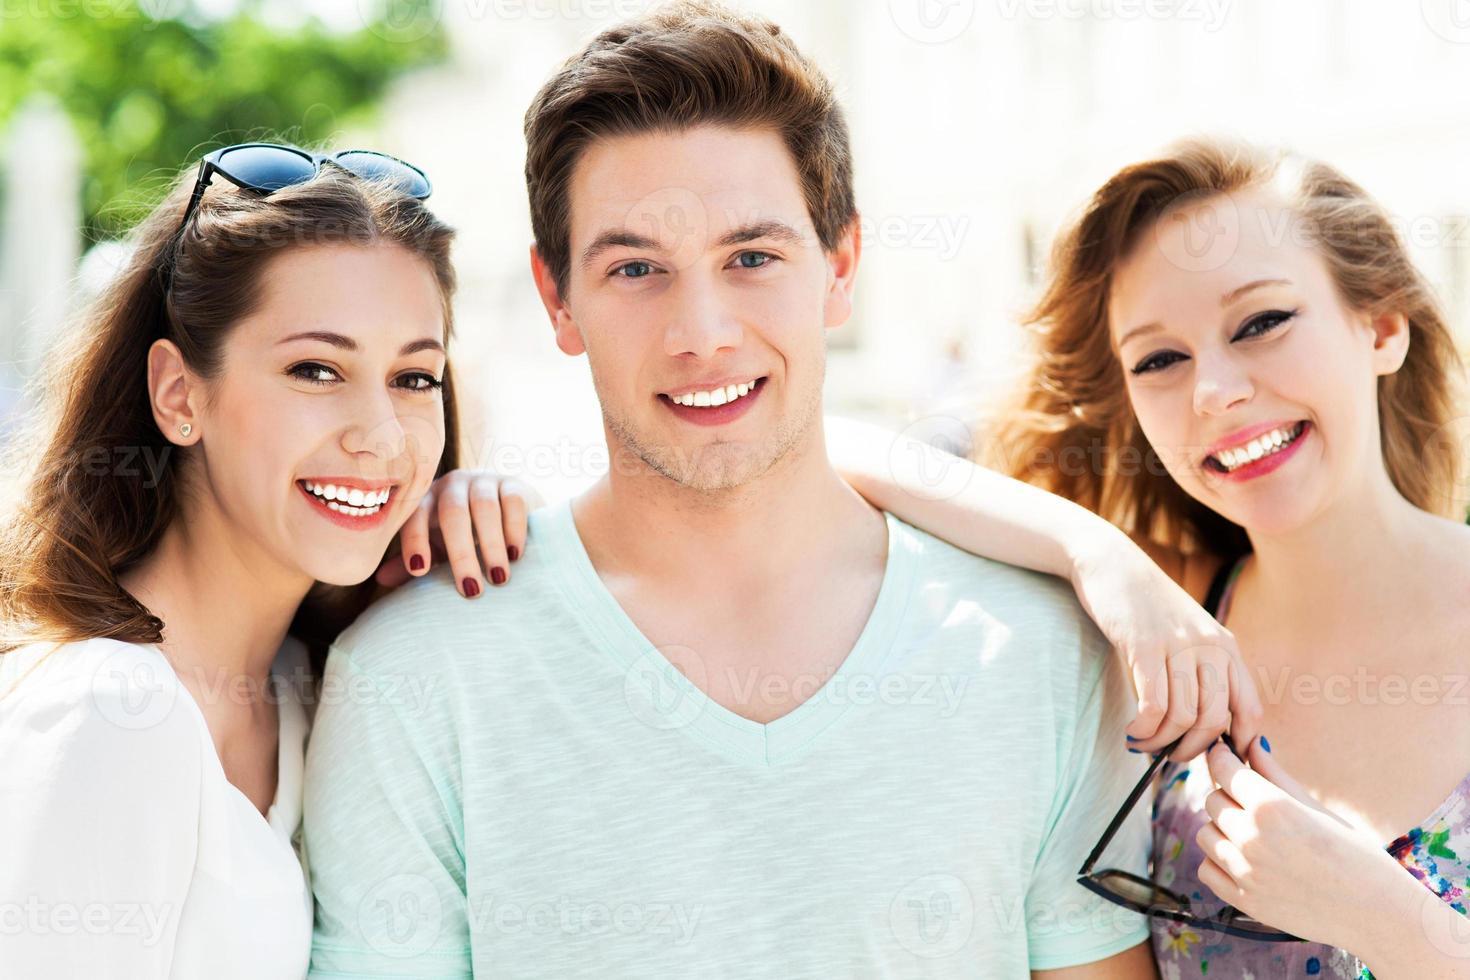 junger Mann mit zwei Freundinnen foto